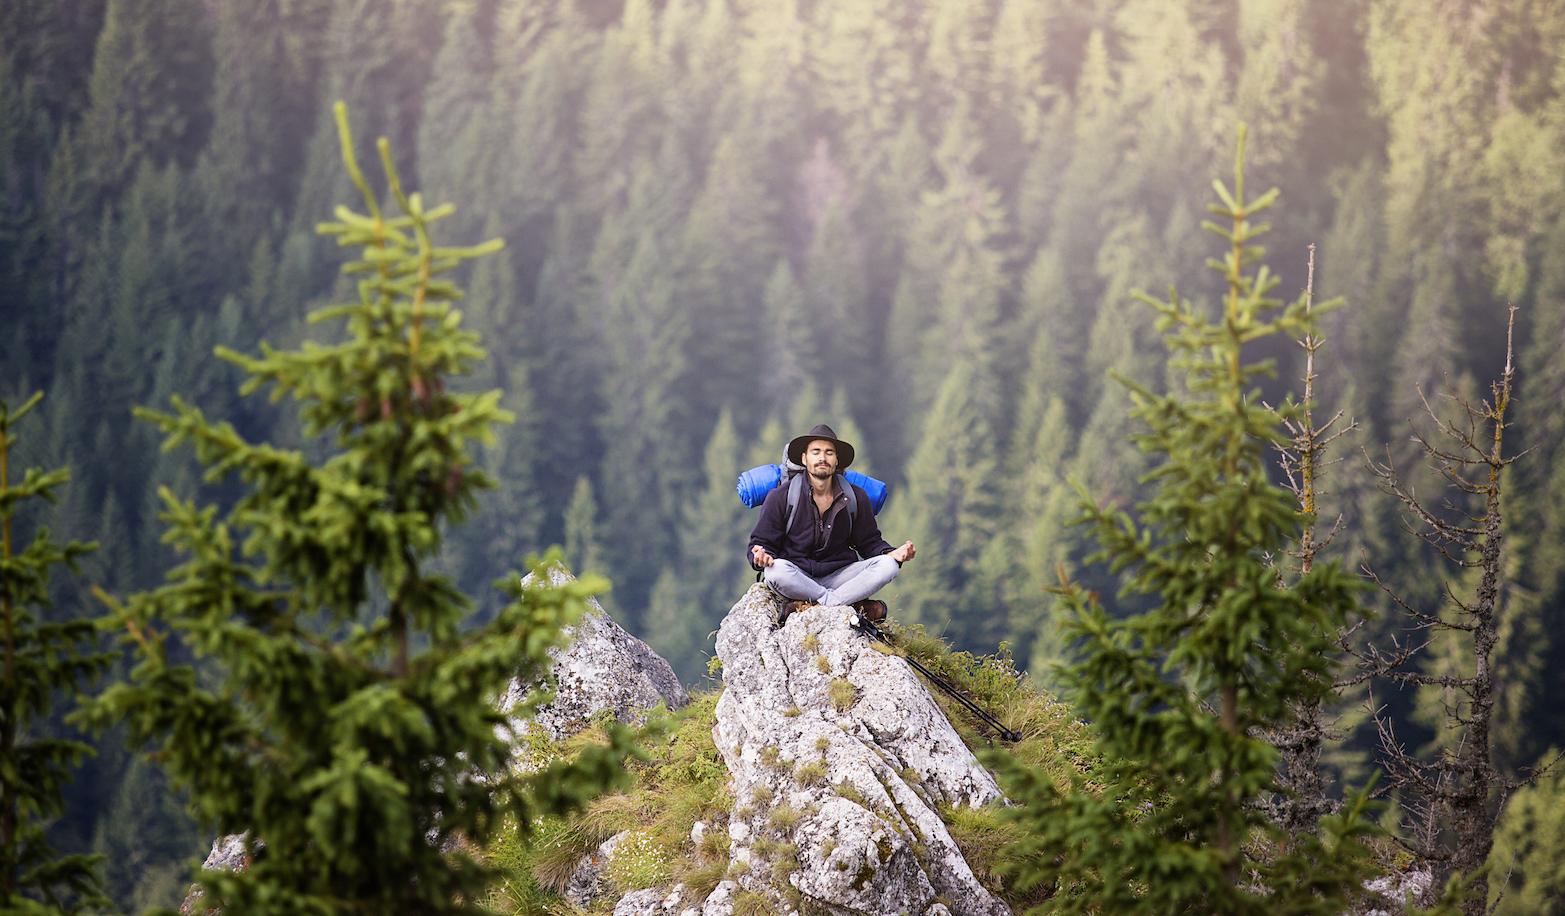 tutti-i-vantaggi-della-meditazione